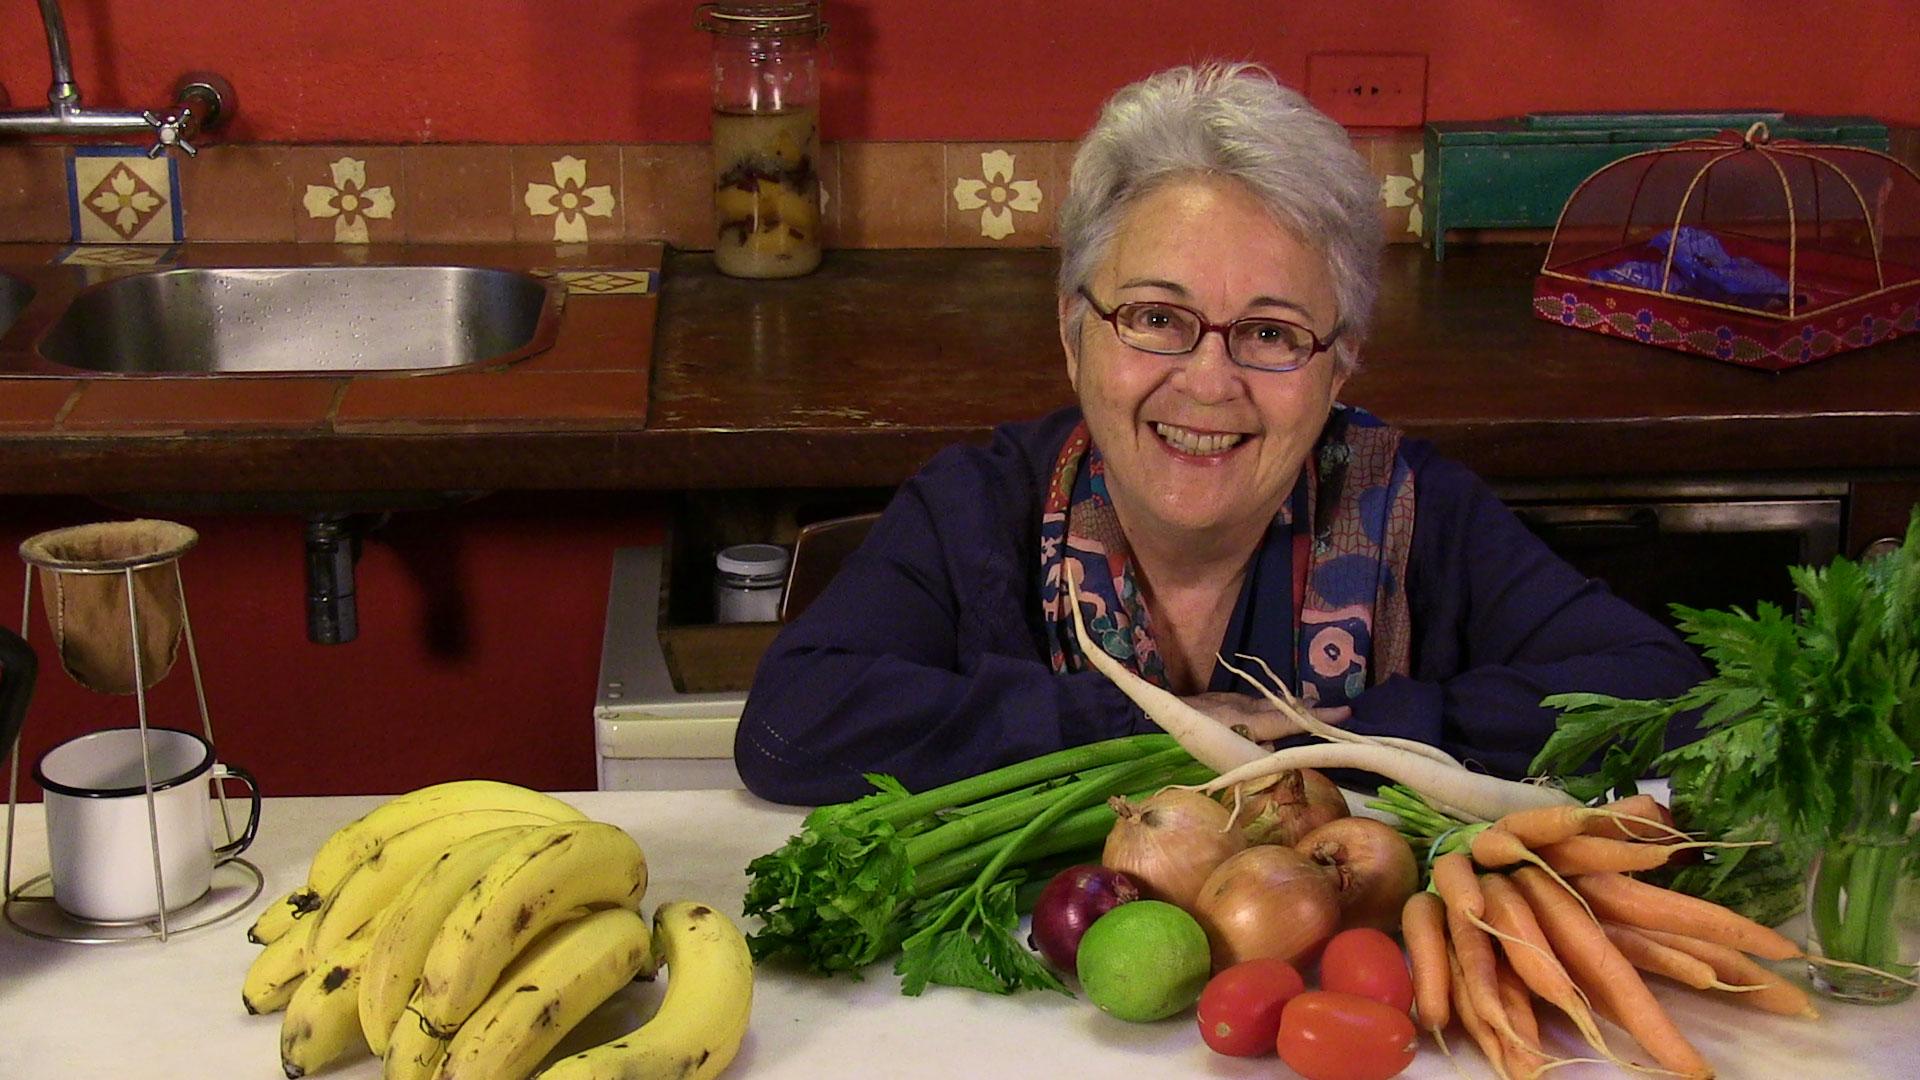 Sonia Hirsch mostra as vantagens de comer orgânicos